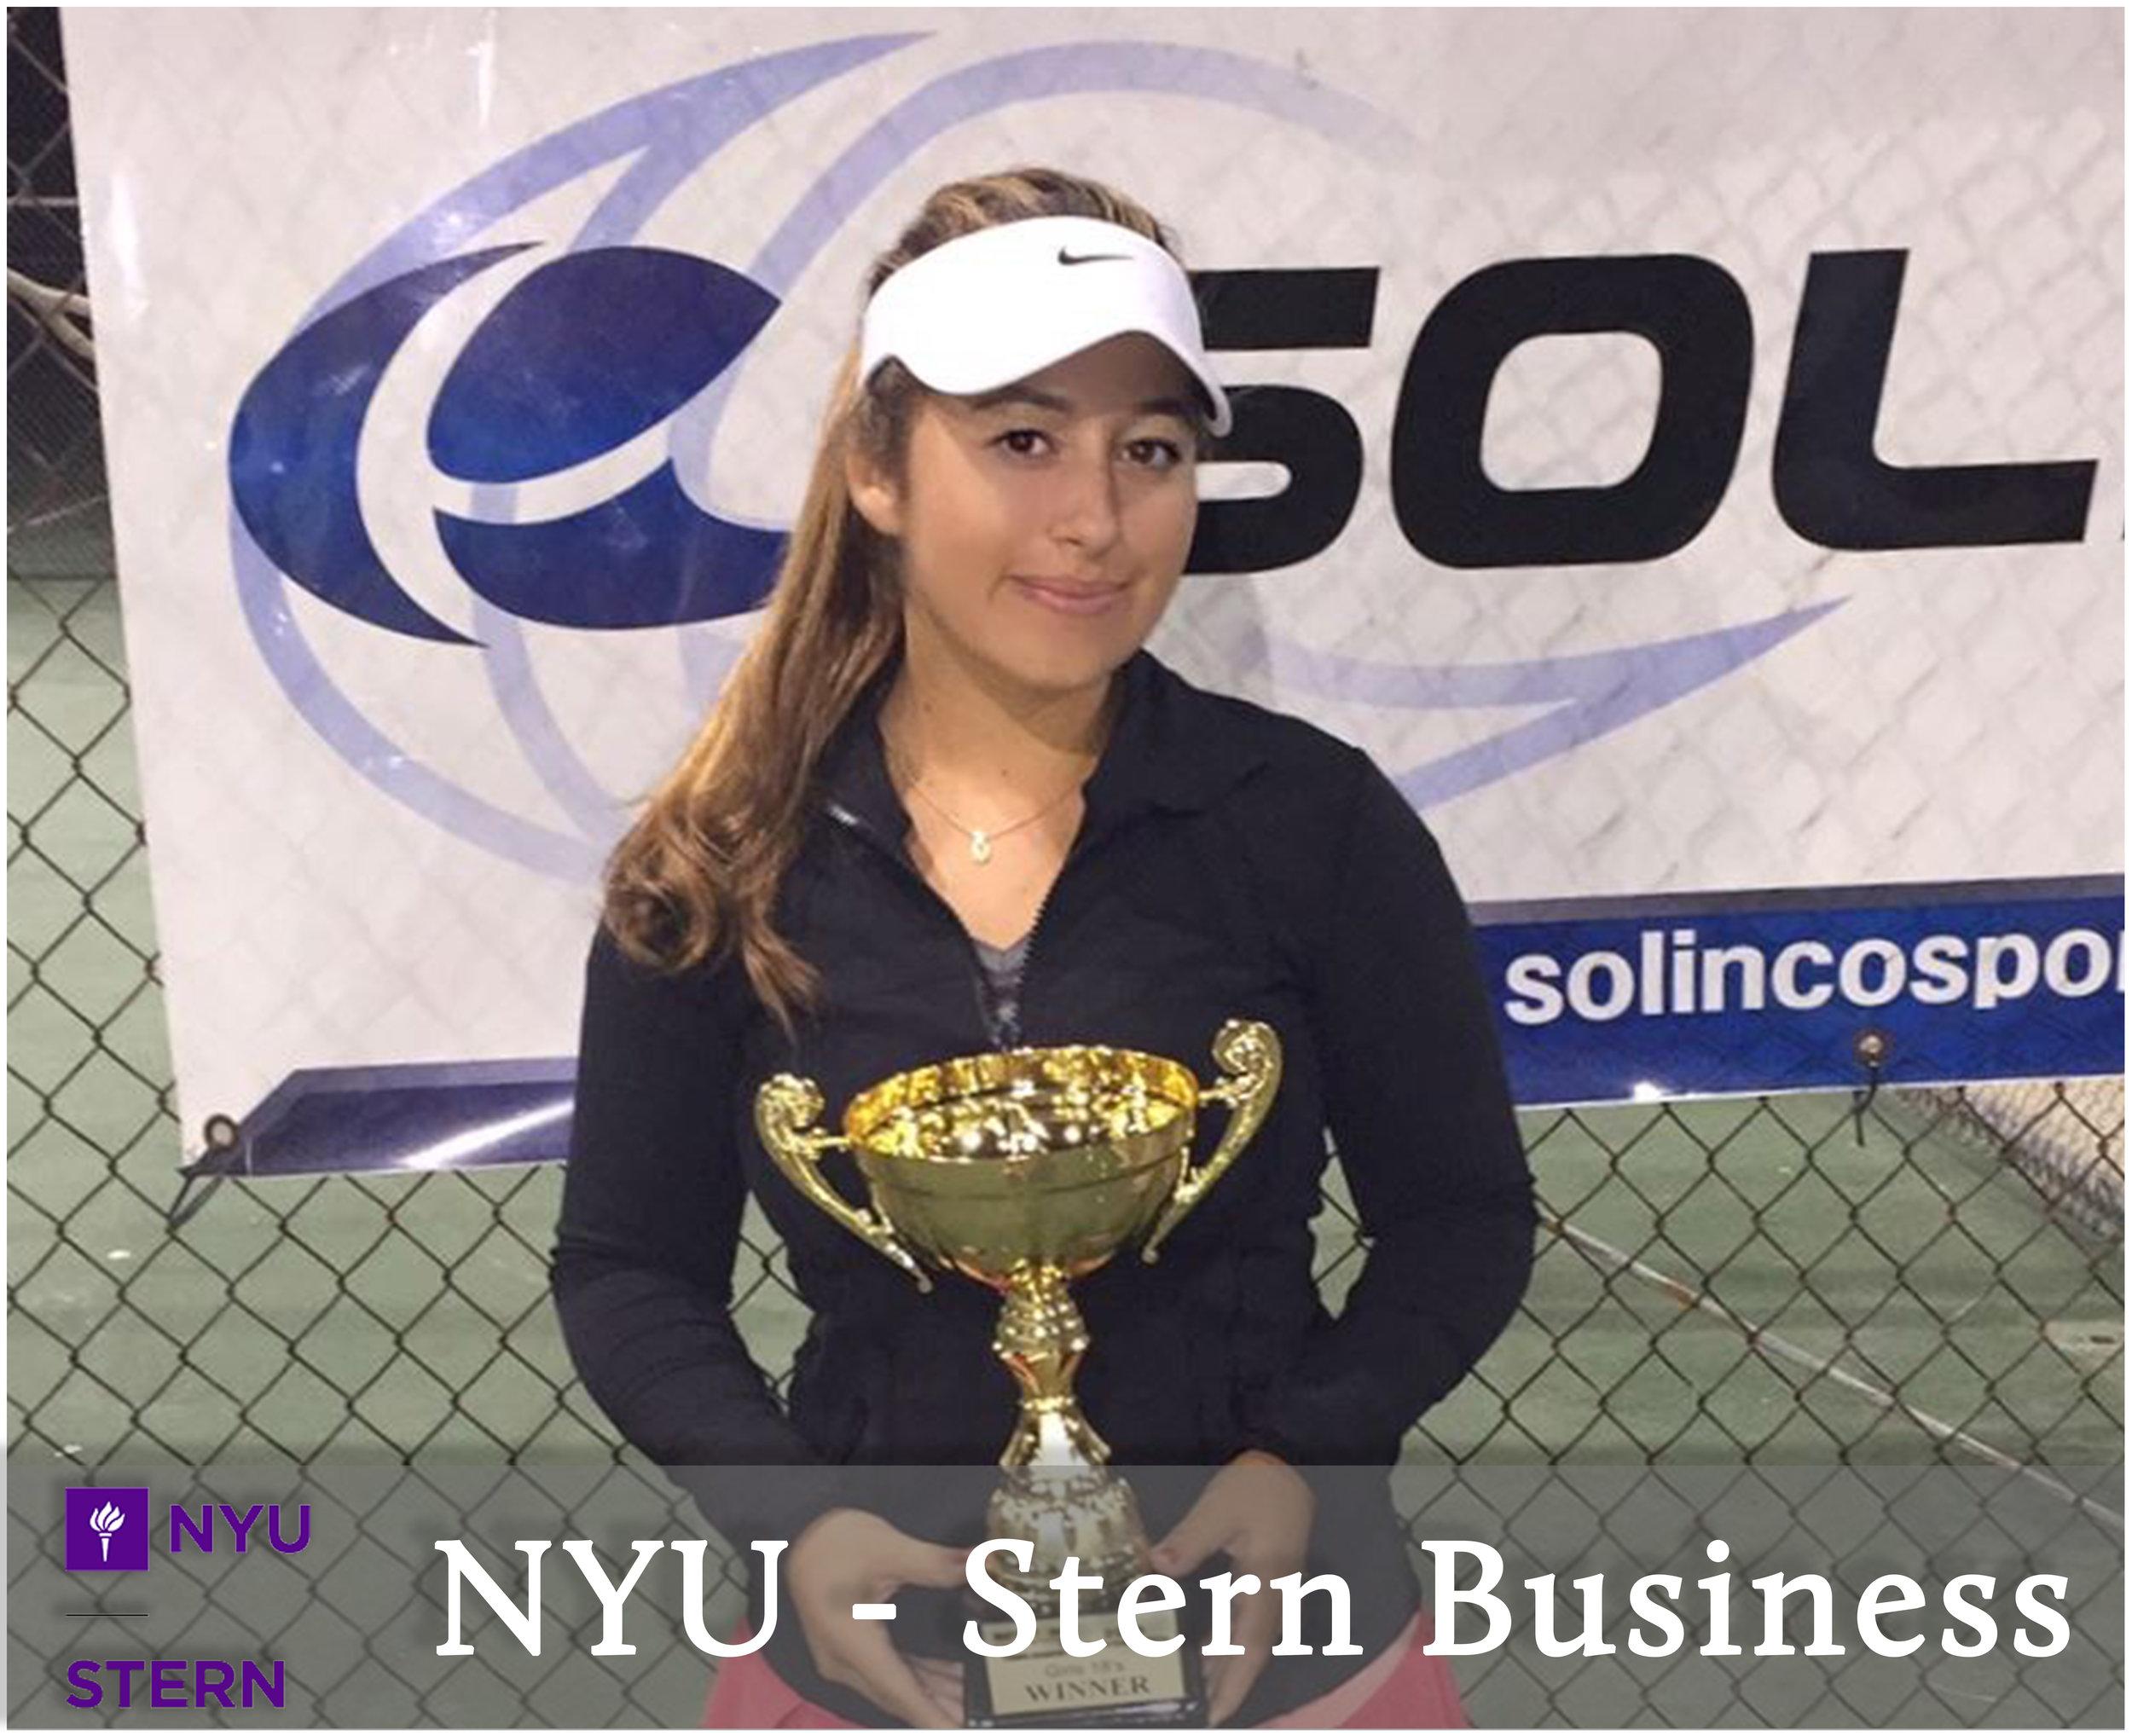 - Julia Goldberg (Tarzana, California)#388 ITF World Junior Ranking53rd Copa del Cafe ITF (G1) - Doubles SemifinalistChuquiago Junior Open ITF - Doubles Finalist